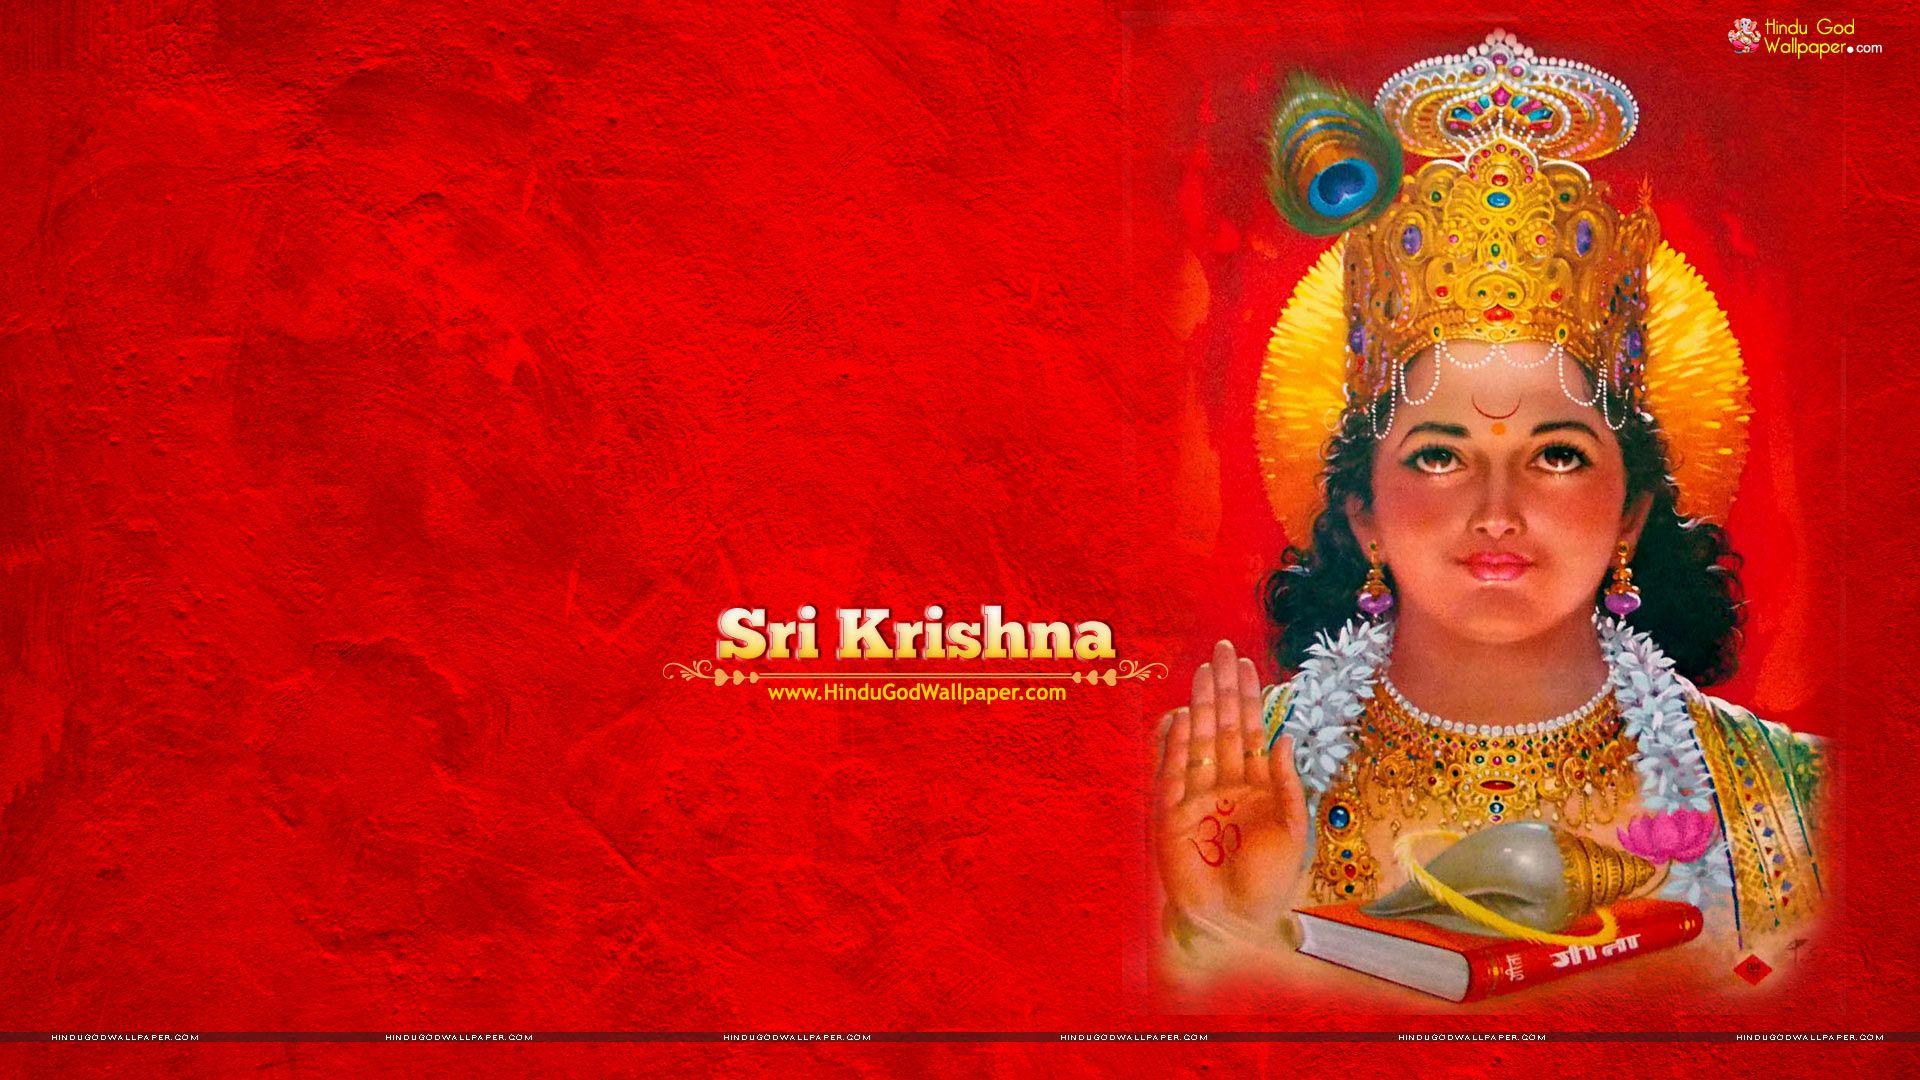 Krishna Wallpaper 1920x1080 HD Full Size Download | Lord